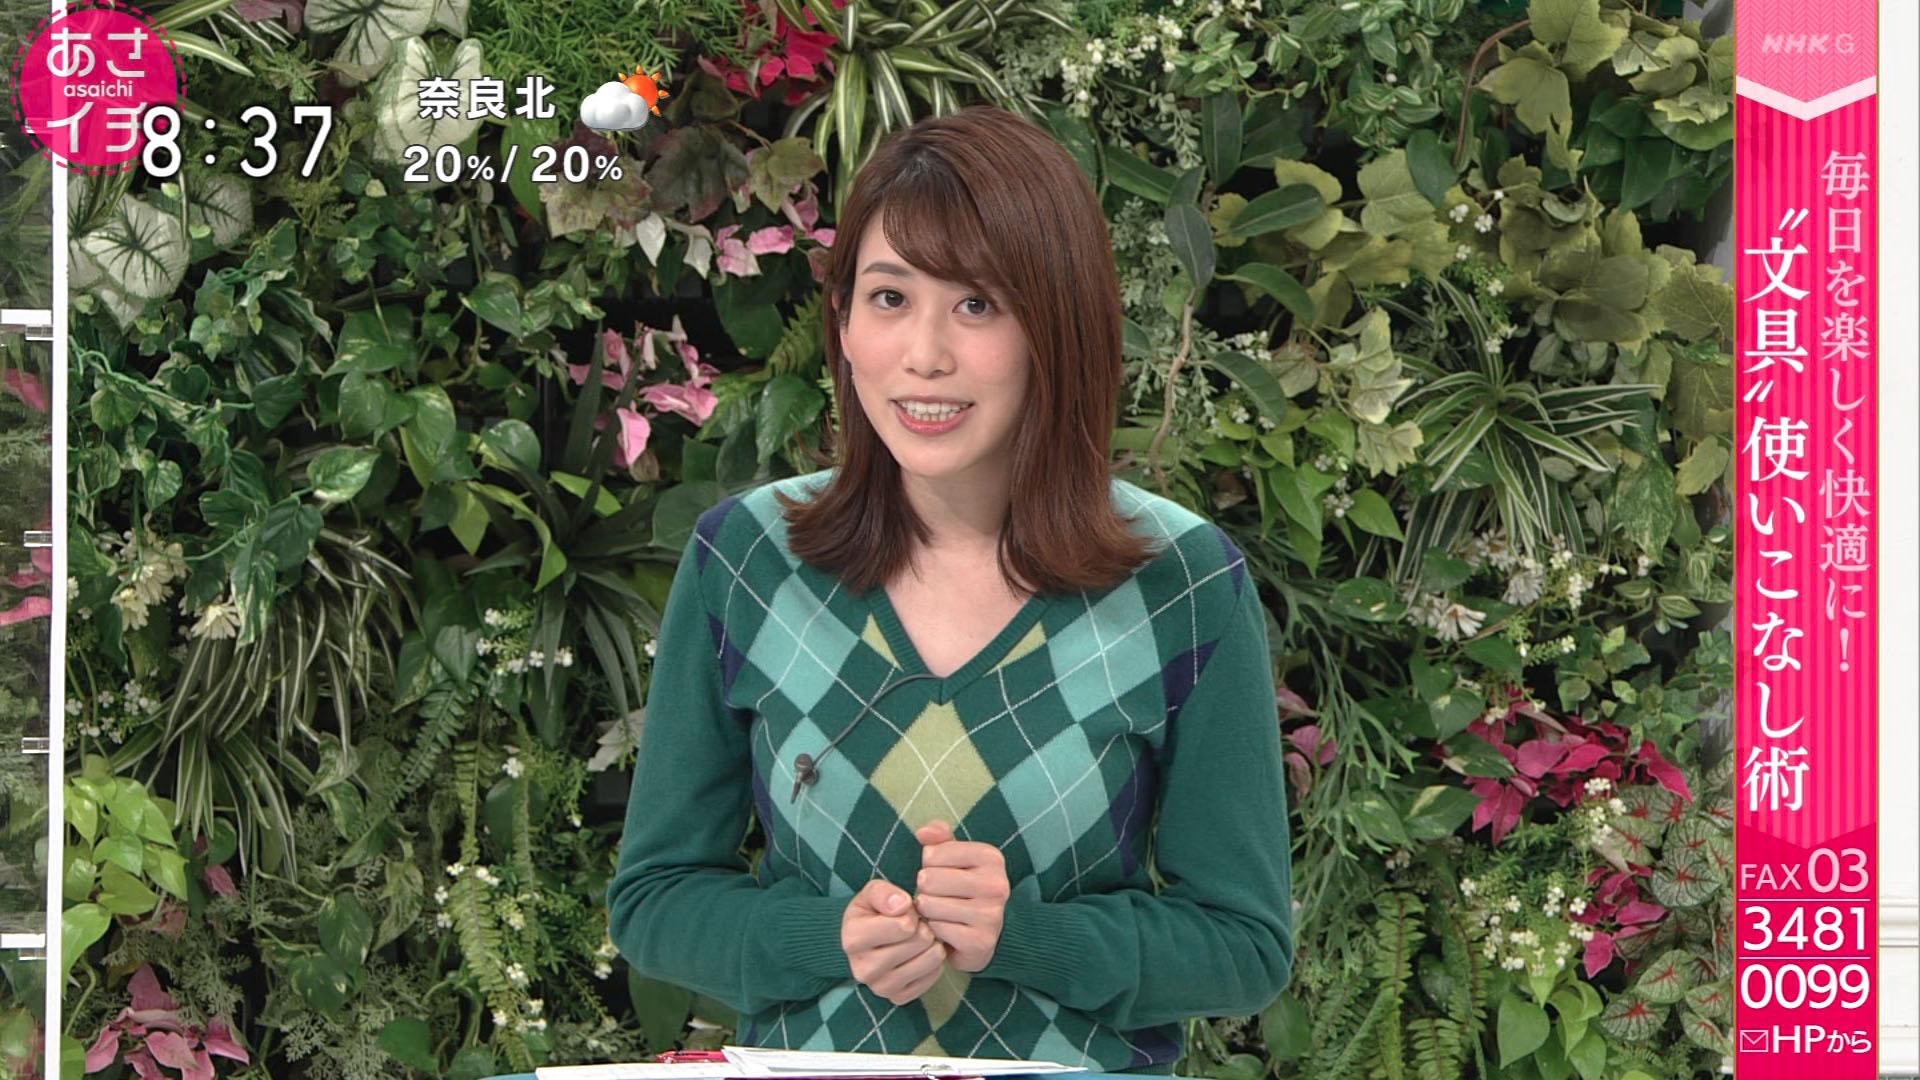 2020/12 中川安奈